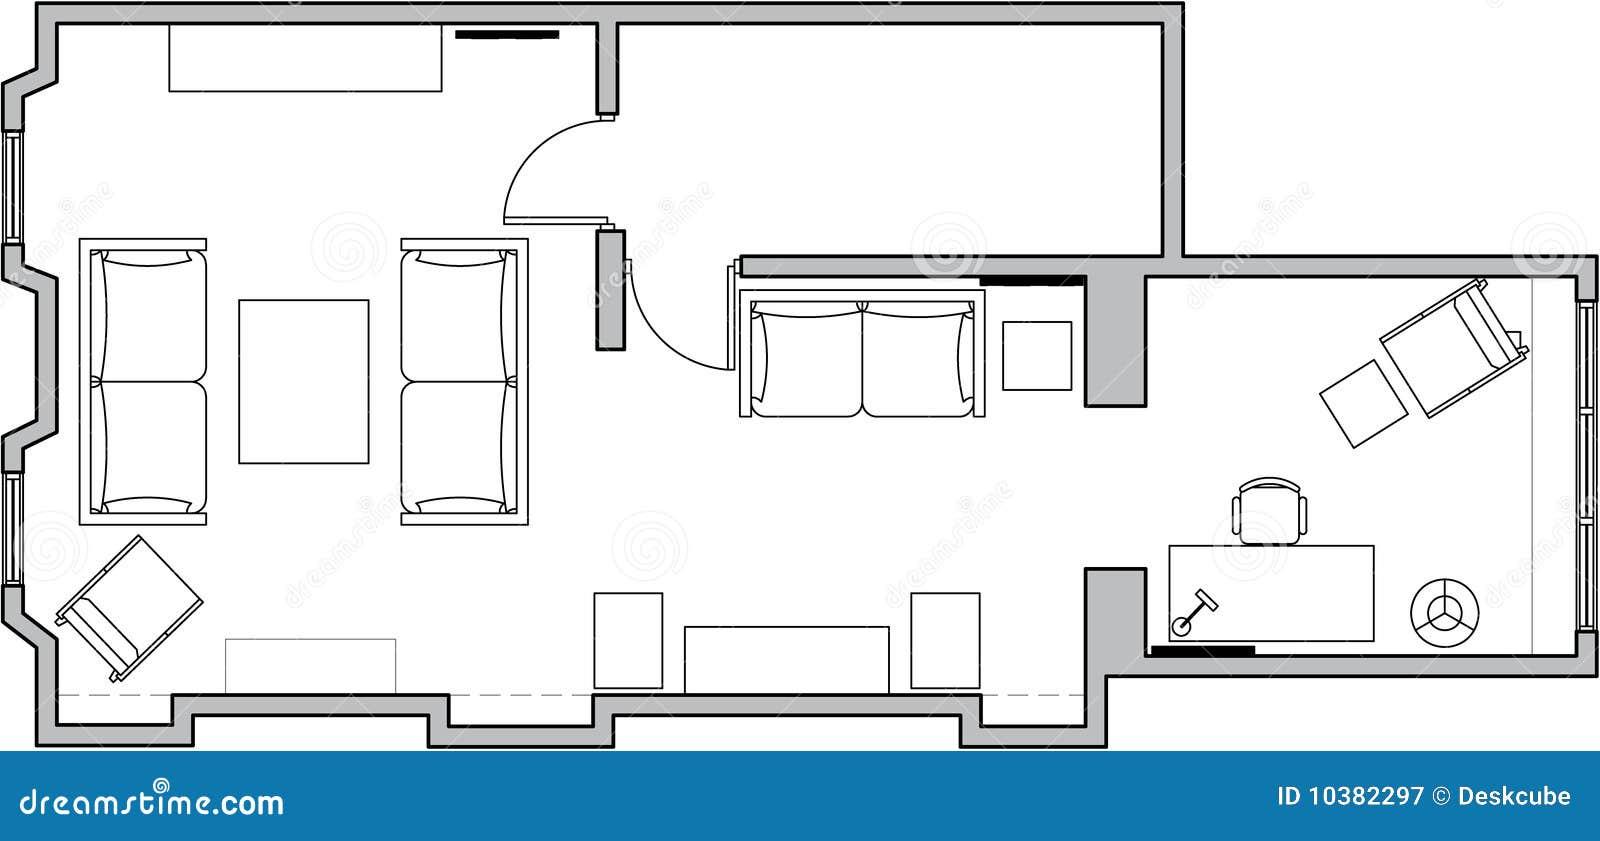 Plan de suelo de la configuración